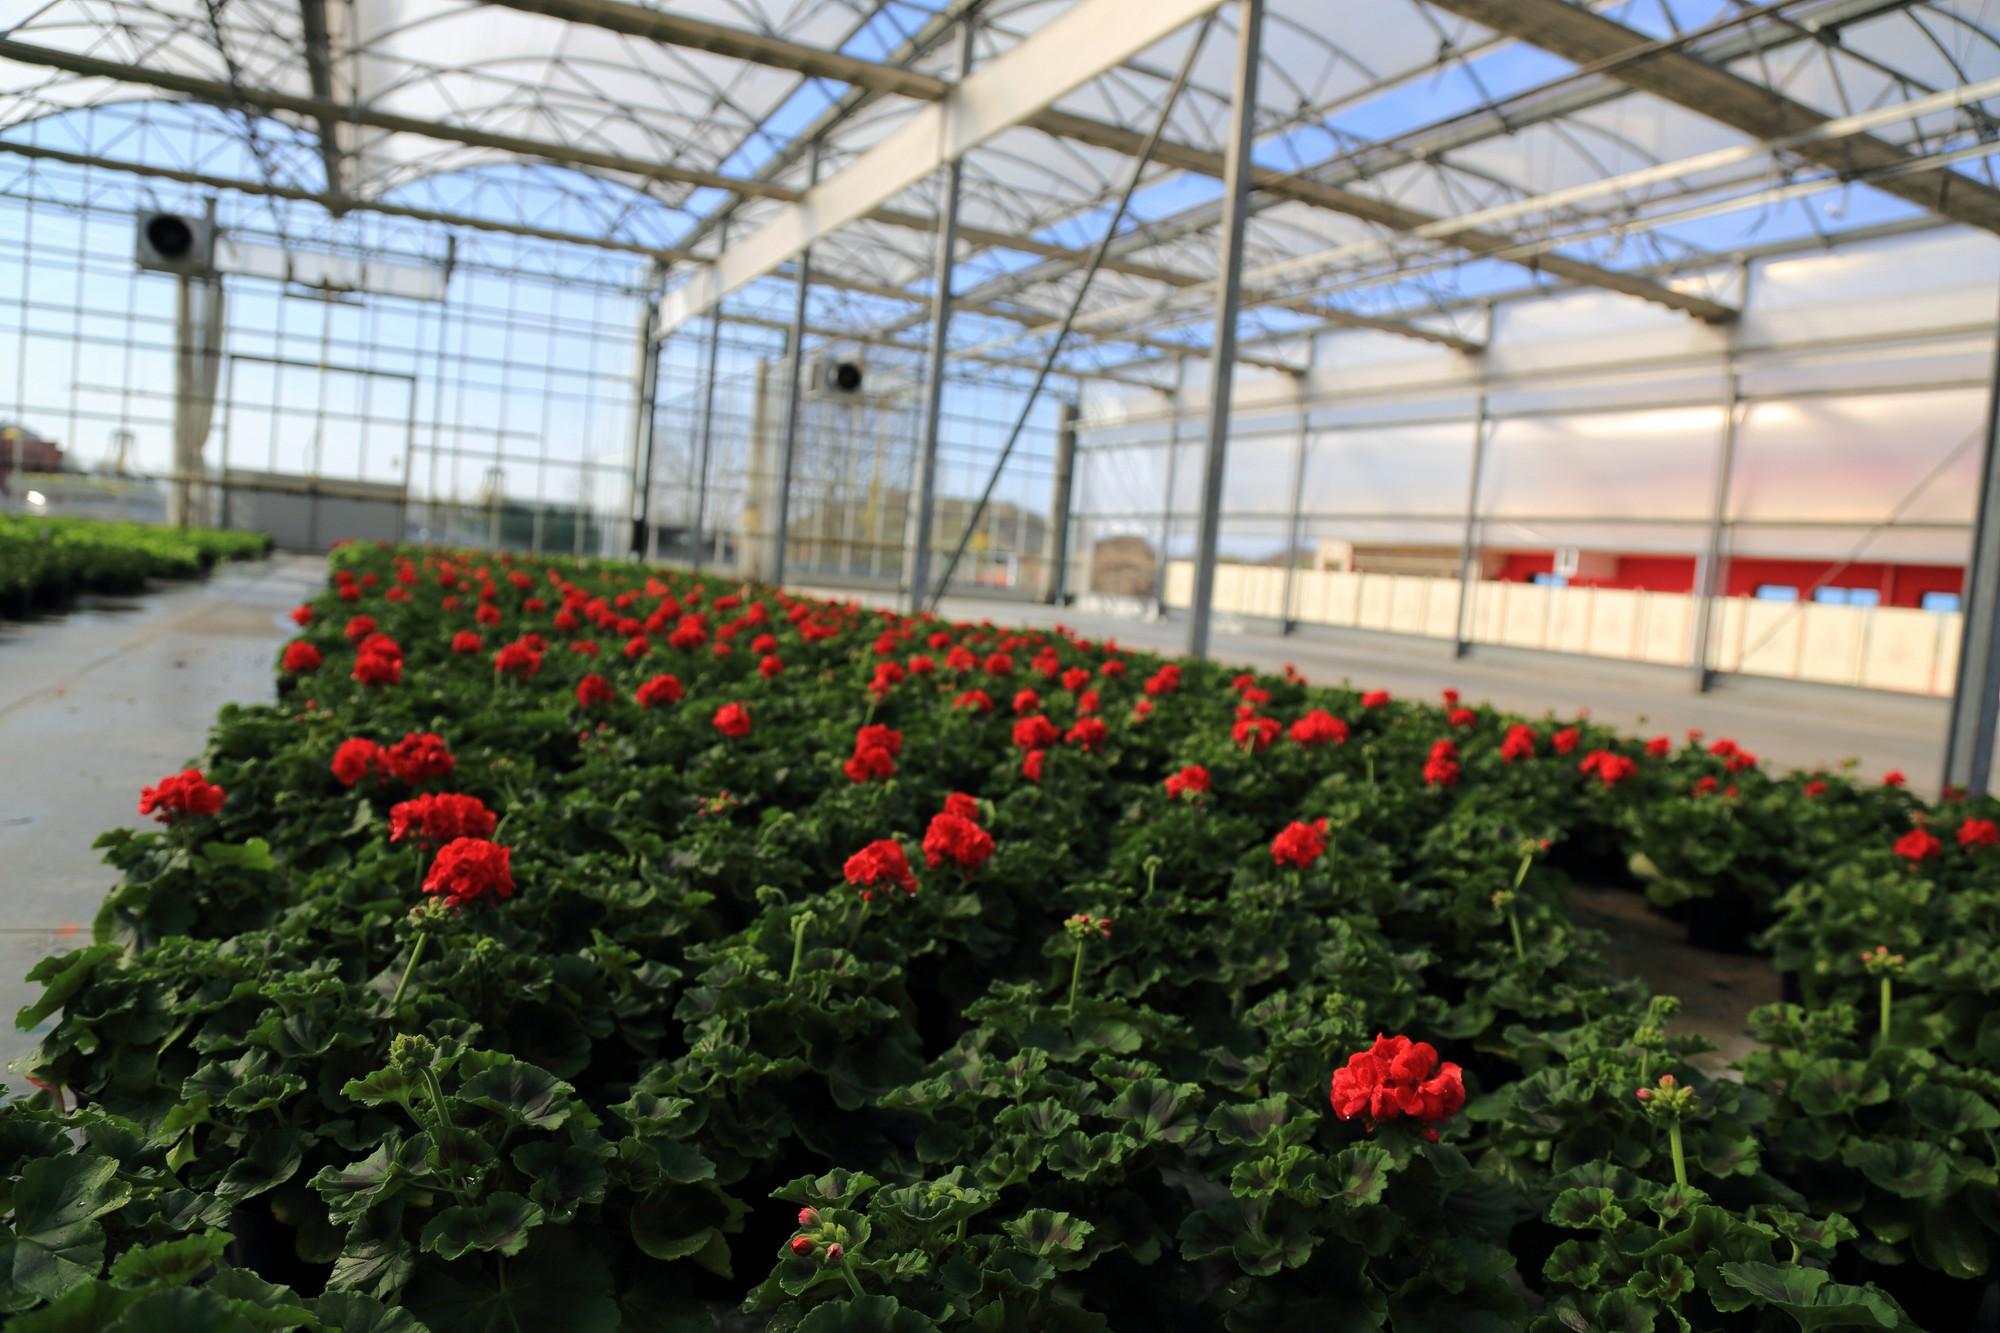 Floricoltura Zanchi, Verdello, Bergamo, produzione e vendita di pianti verdi e fiorite